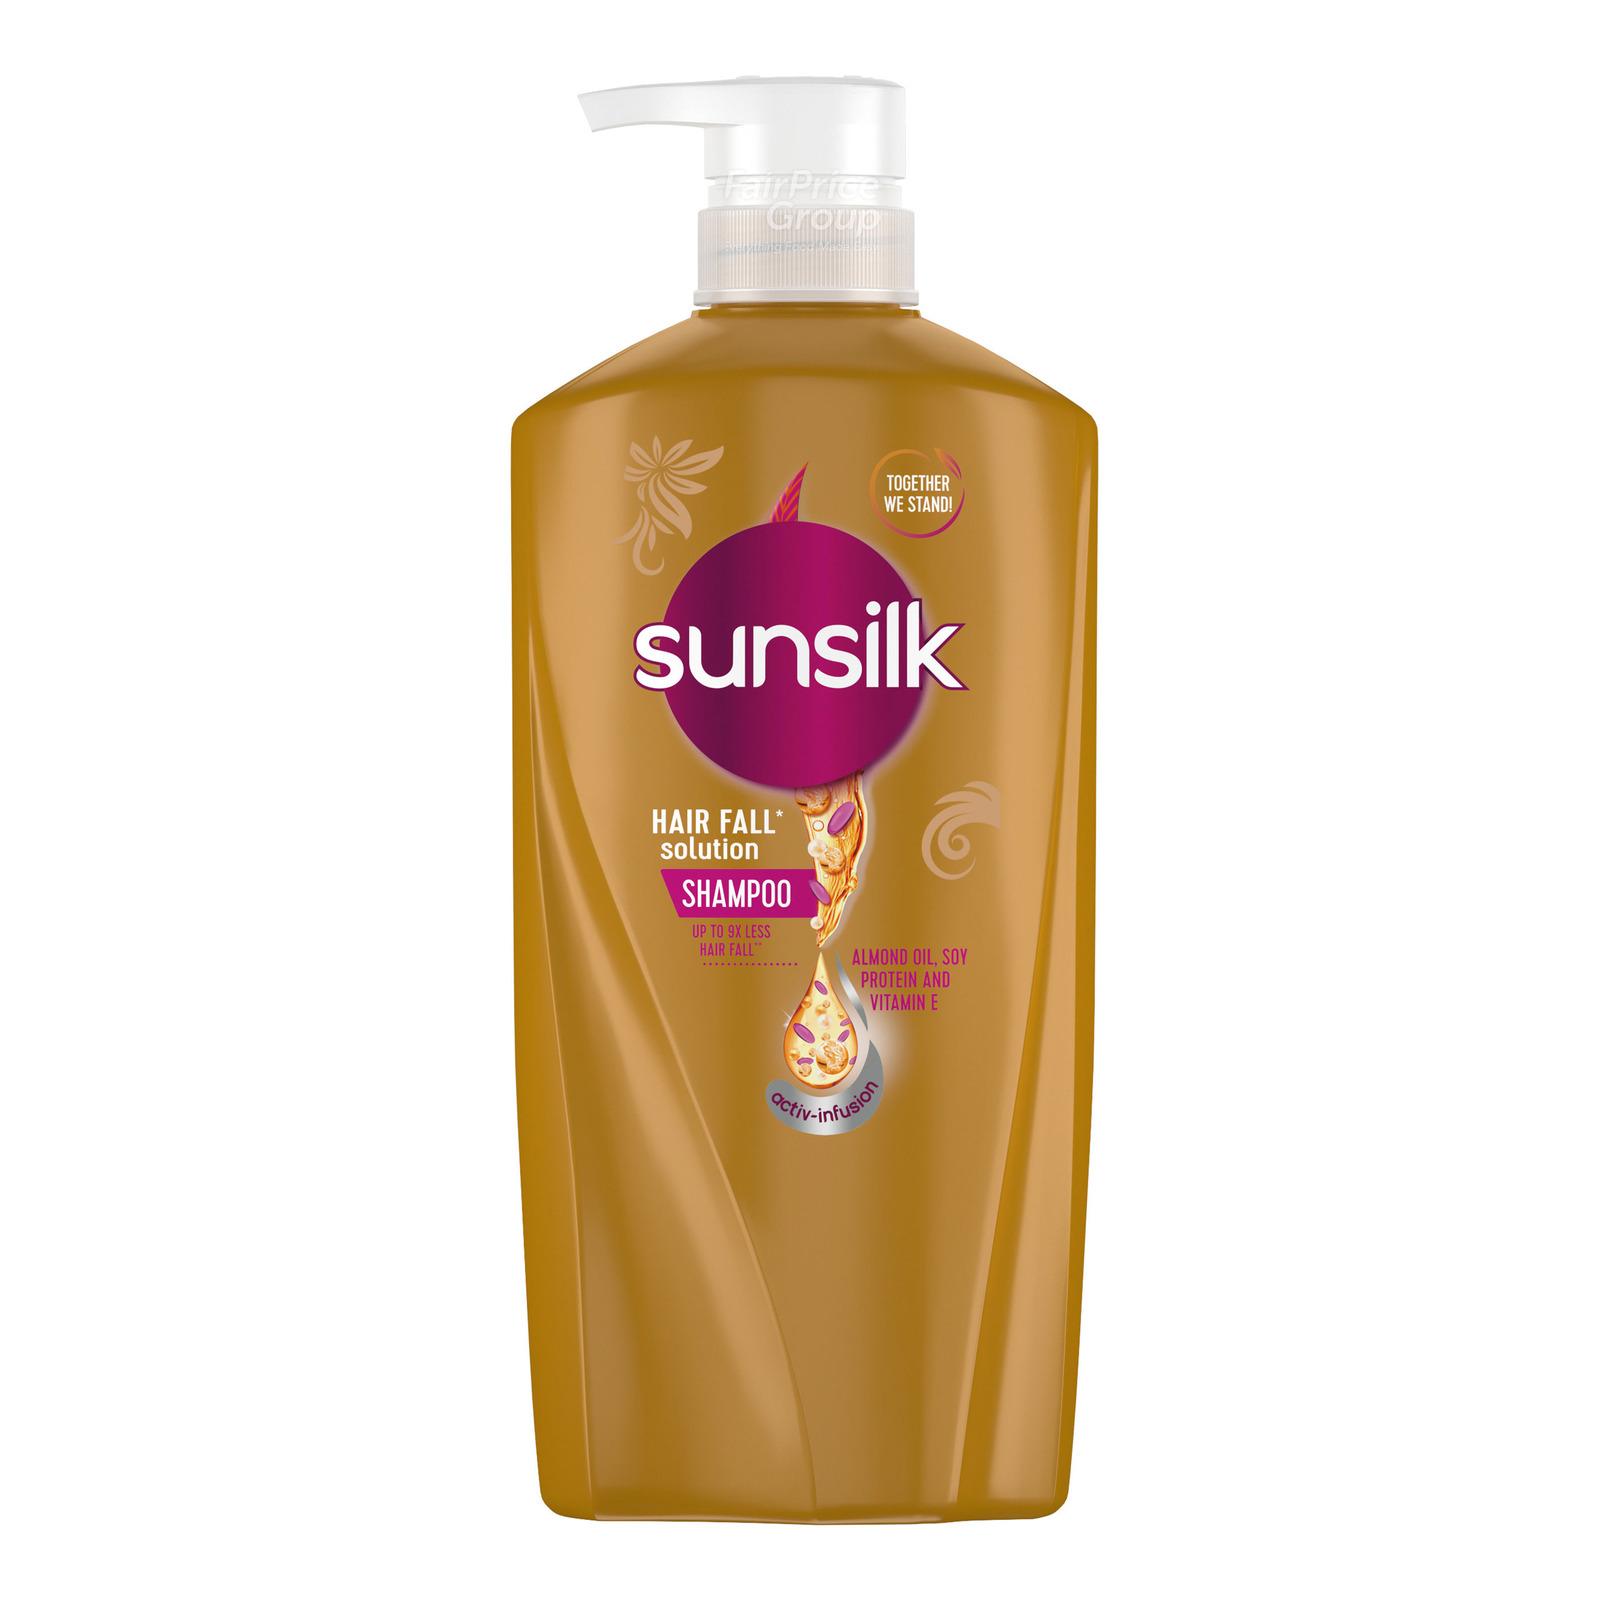 Sunsilk Hair Shampoo - Hair Fall Solution